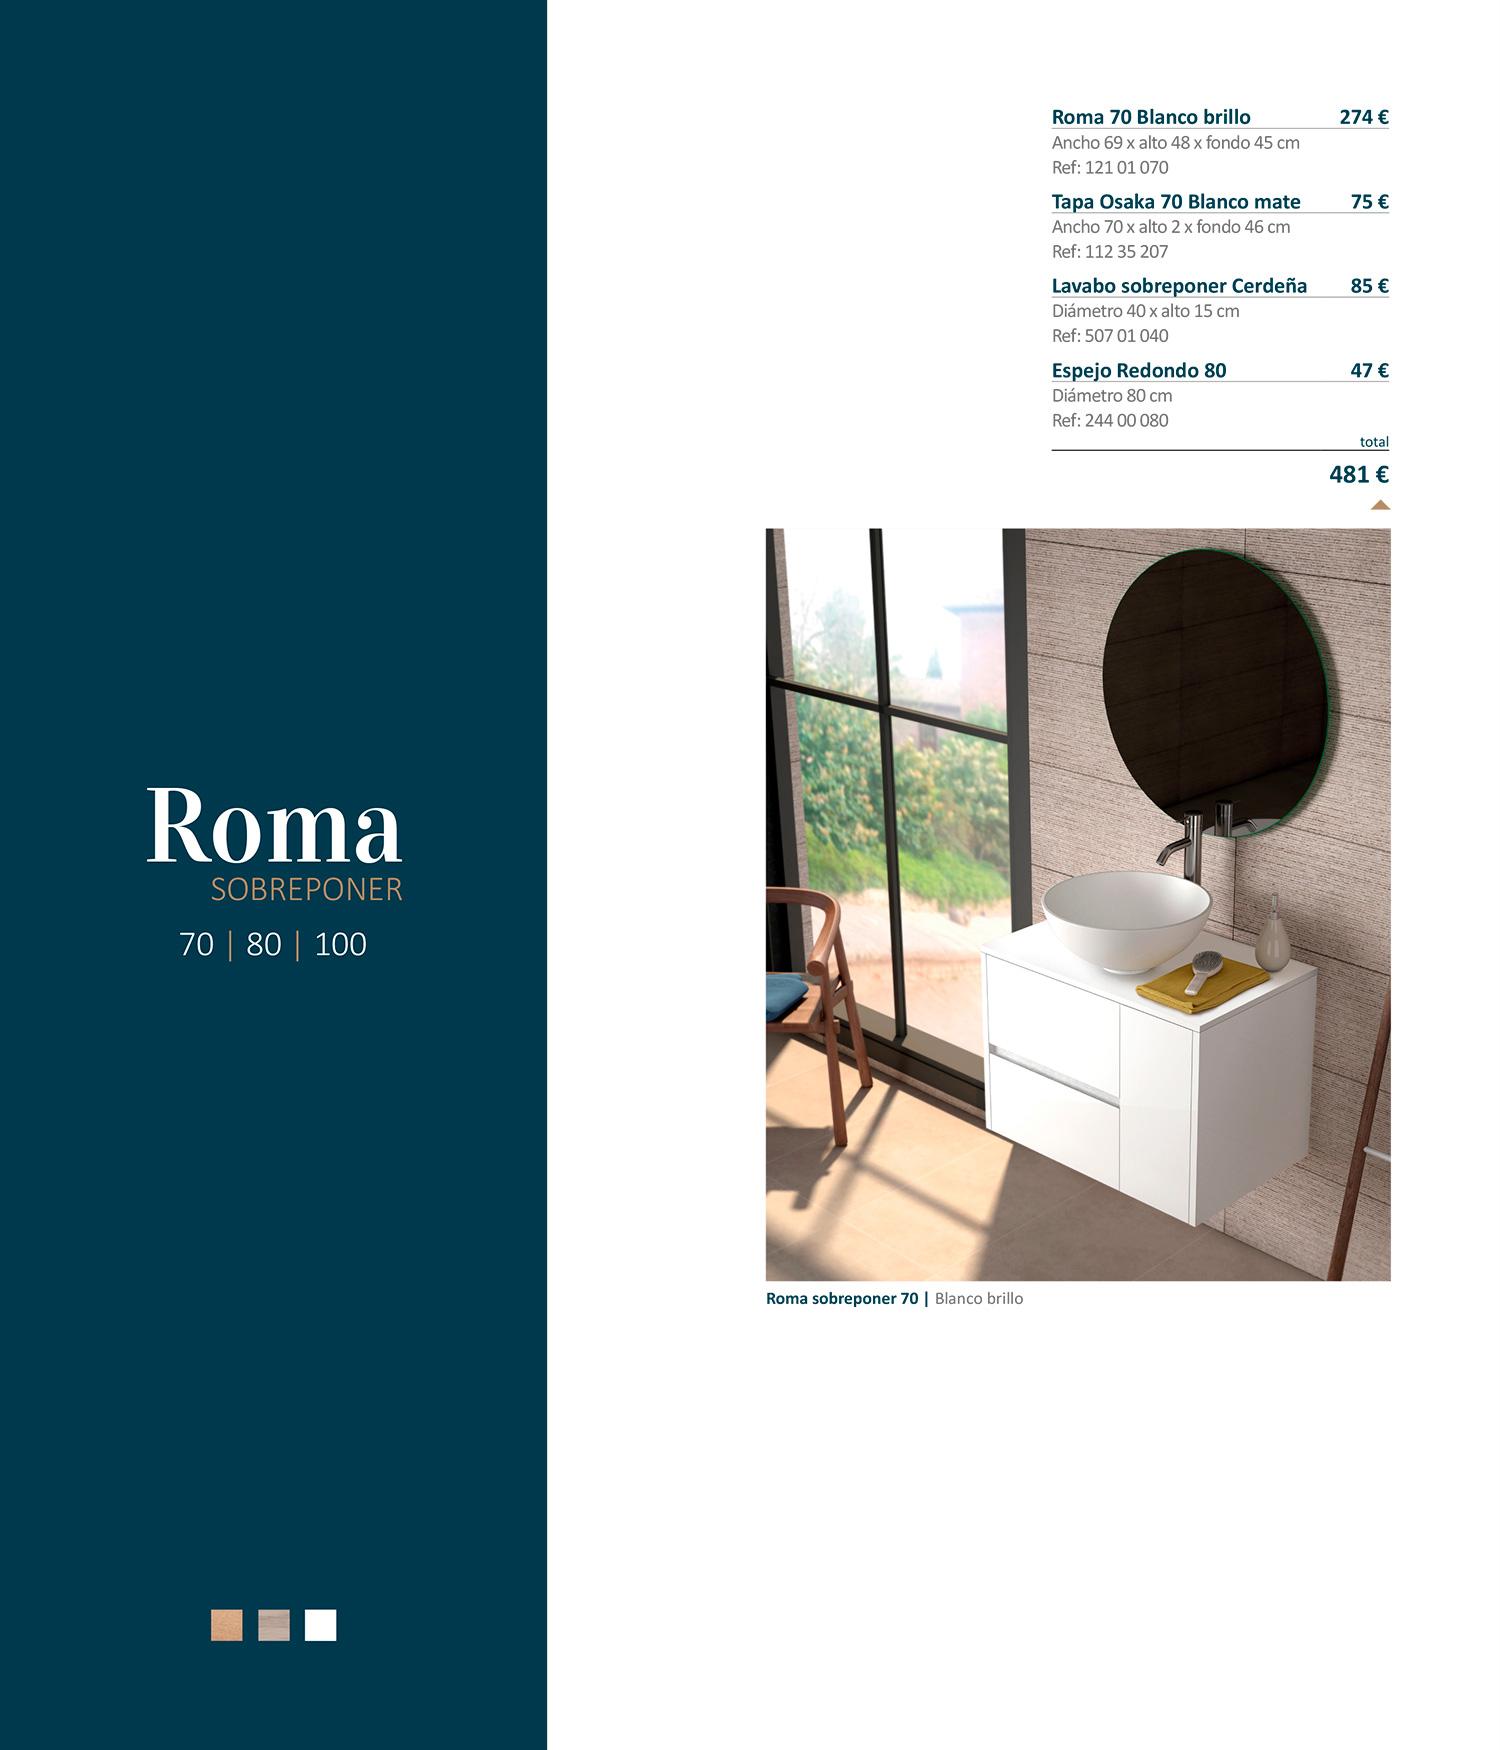 Mueble de baño Roma Sobreponer Sánchez Baños